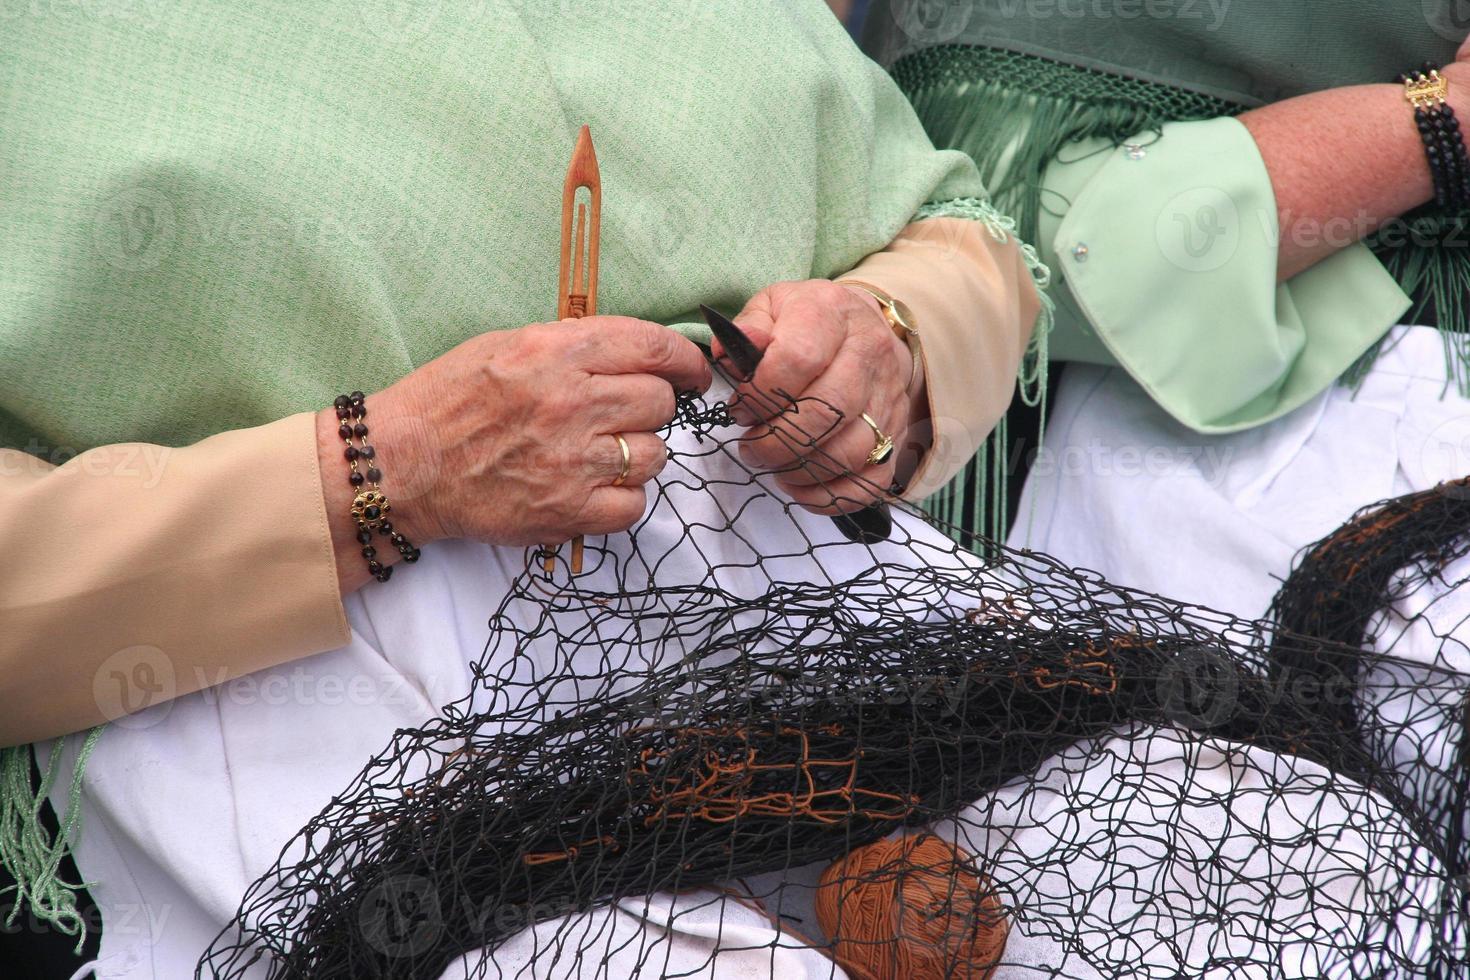 le travail de la femme de pêche photo